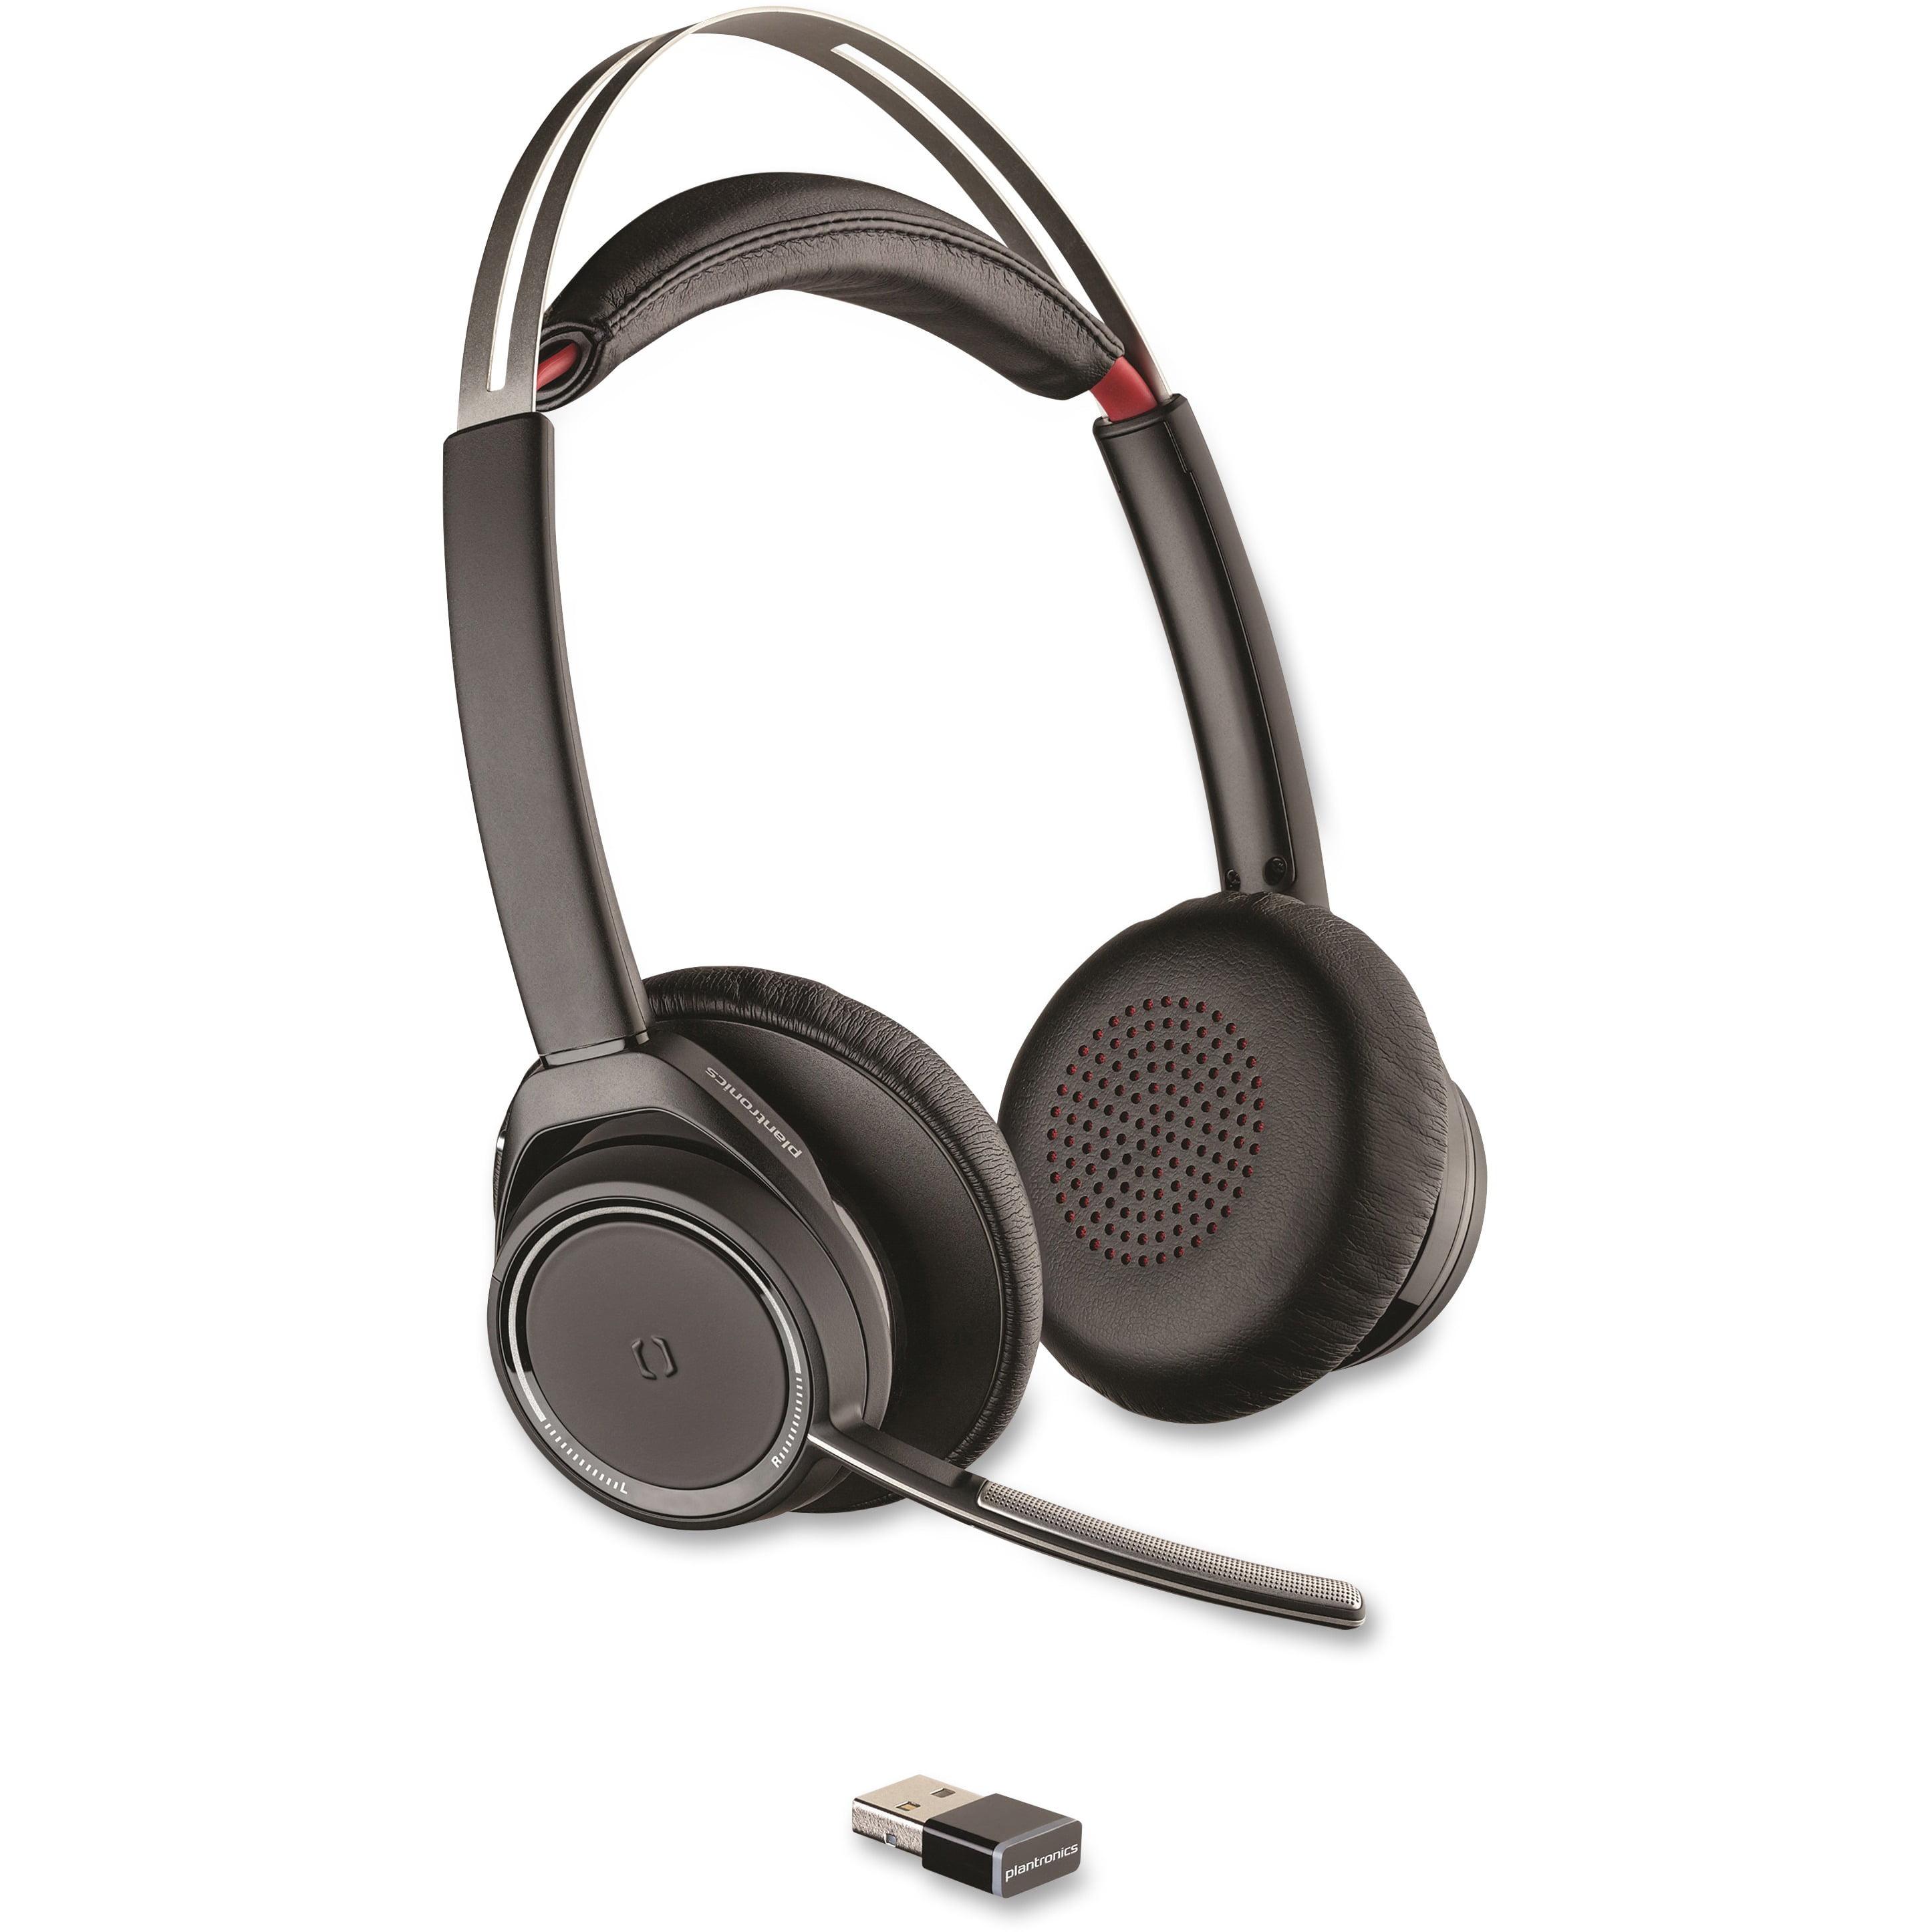 c574018be96 Plantronics, PLNB825, Voyager Focus Noise-canceling Headset, 1 - Walmart.com